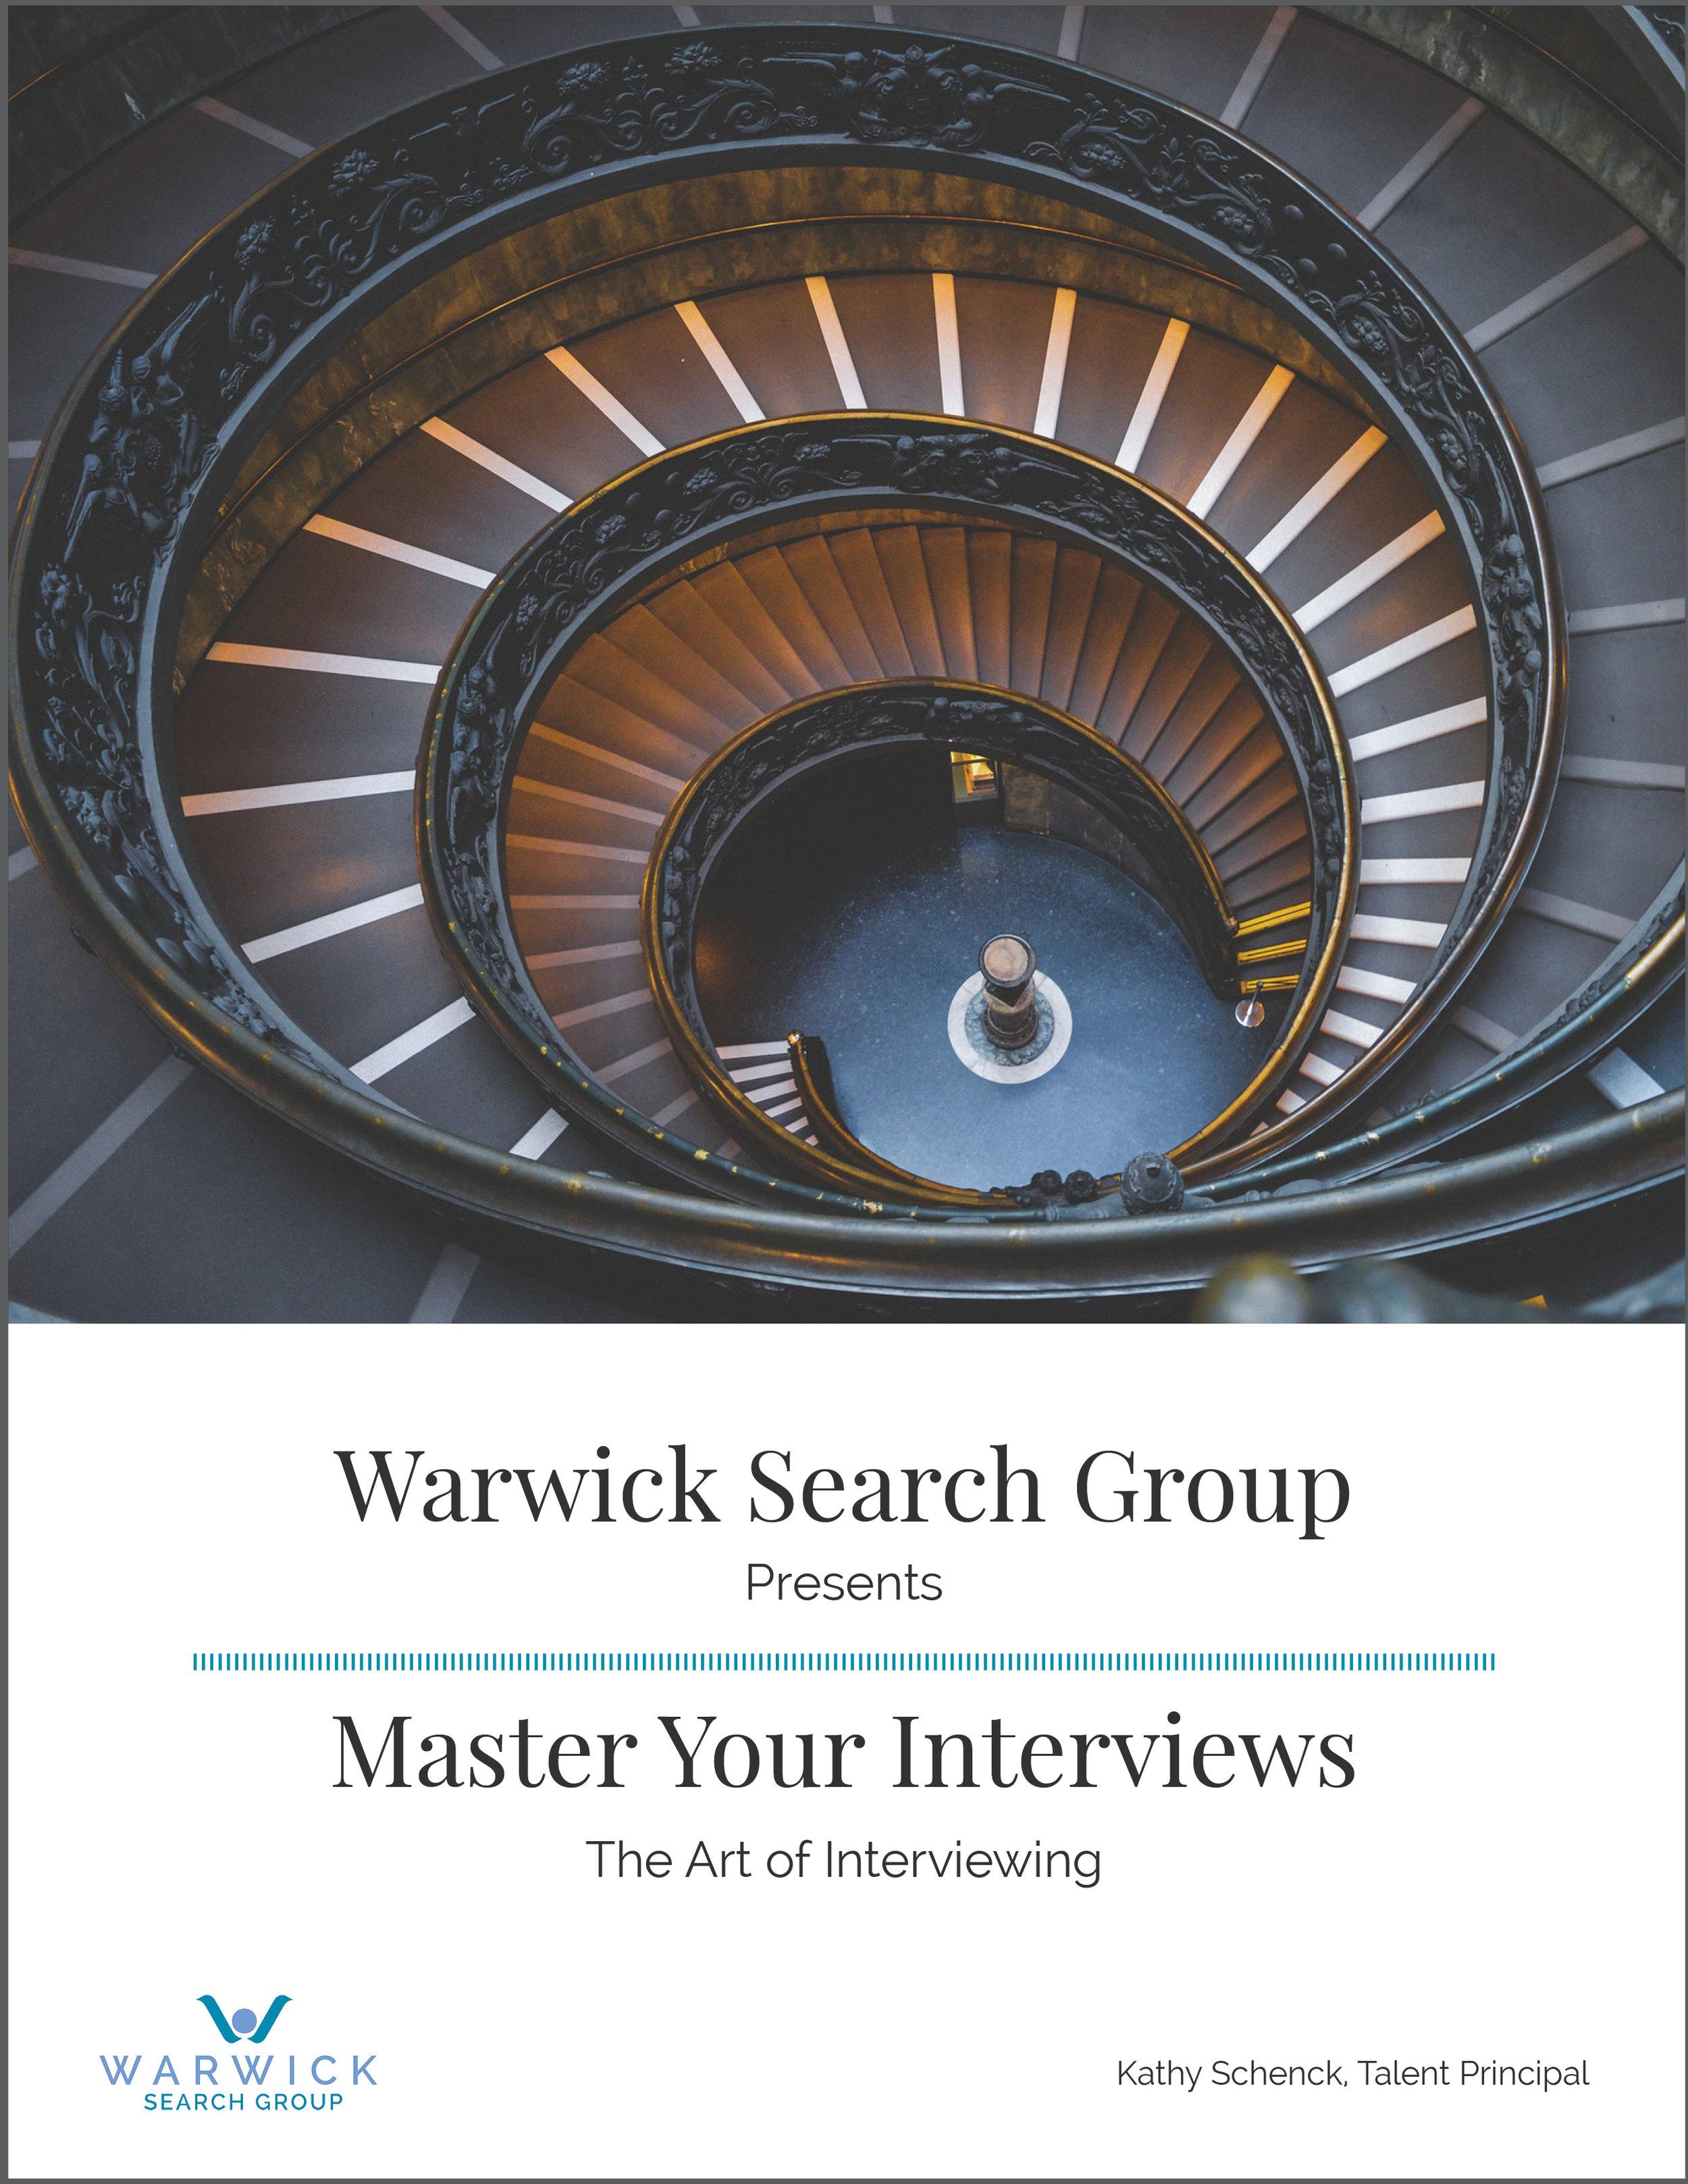 WSG e-guide 11.3.2017 cover.jpg